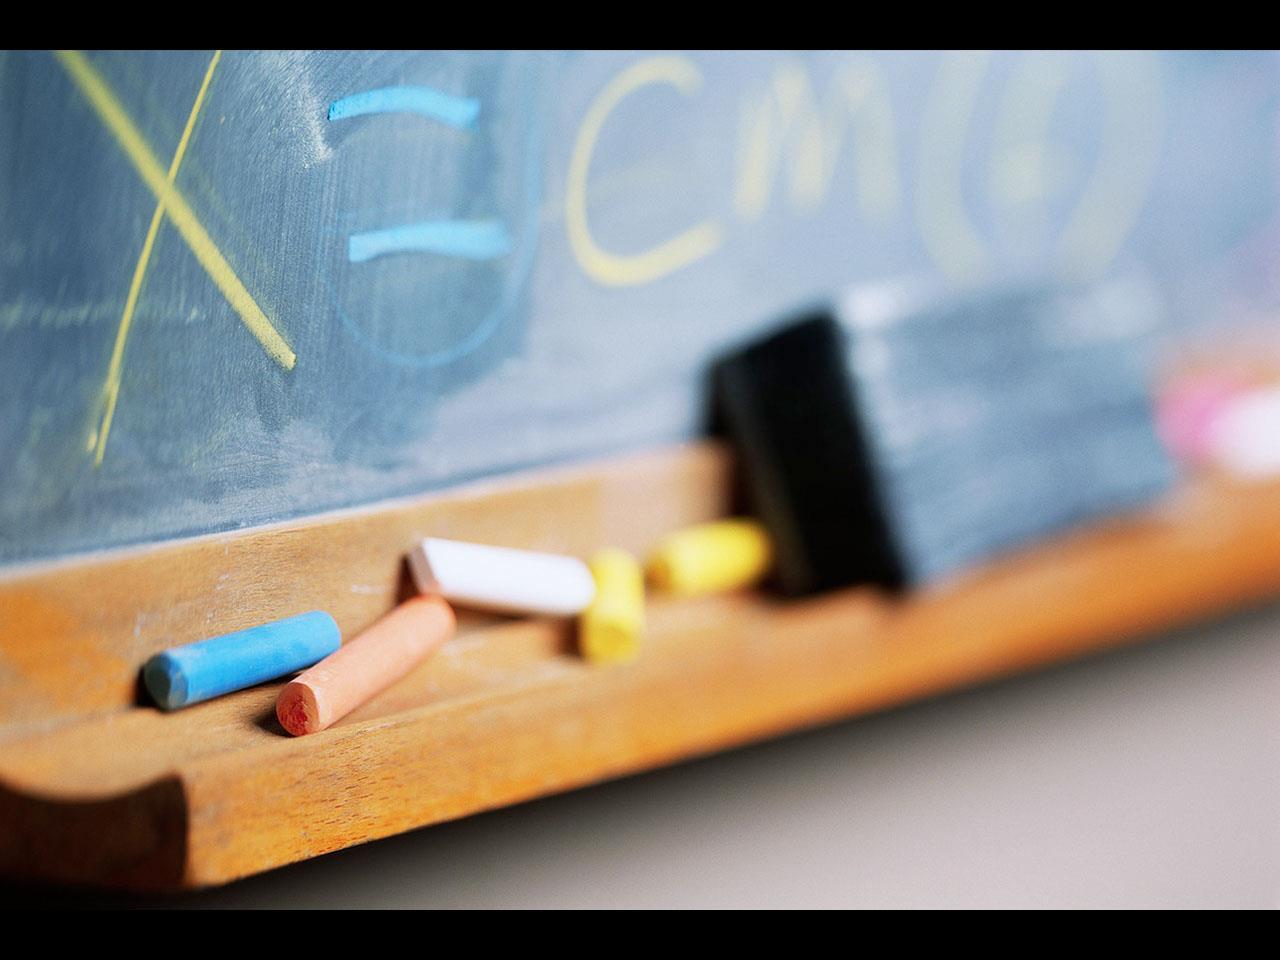 mgn-school-classroom-chalkboard_187058